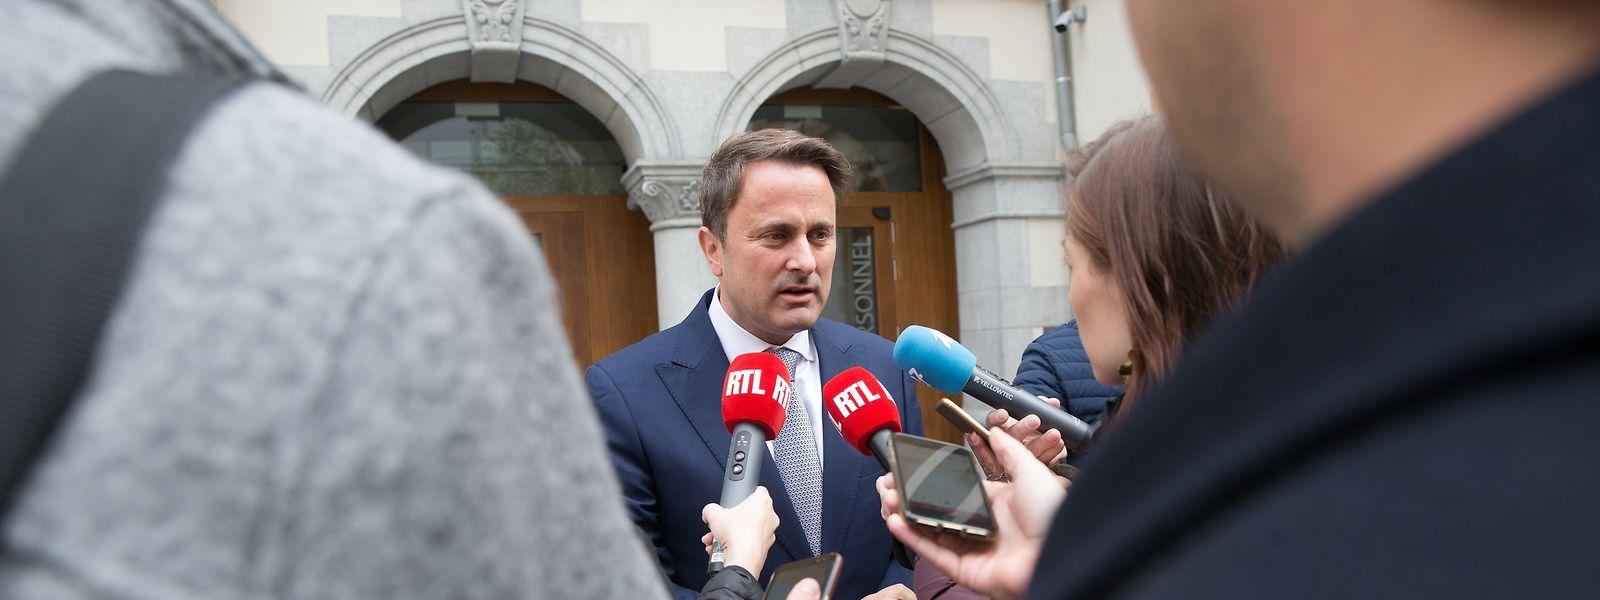 Formateur Xavier Bettel verkündete am Mittwochnachmittag das Ende der Koalitionsgespräche